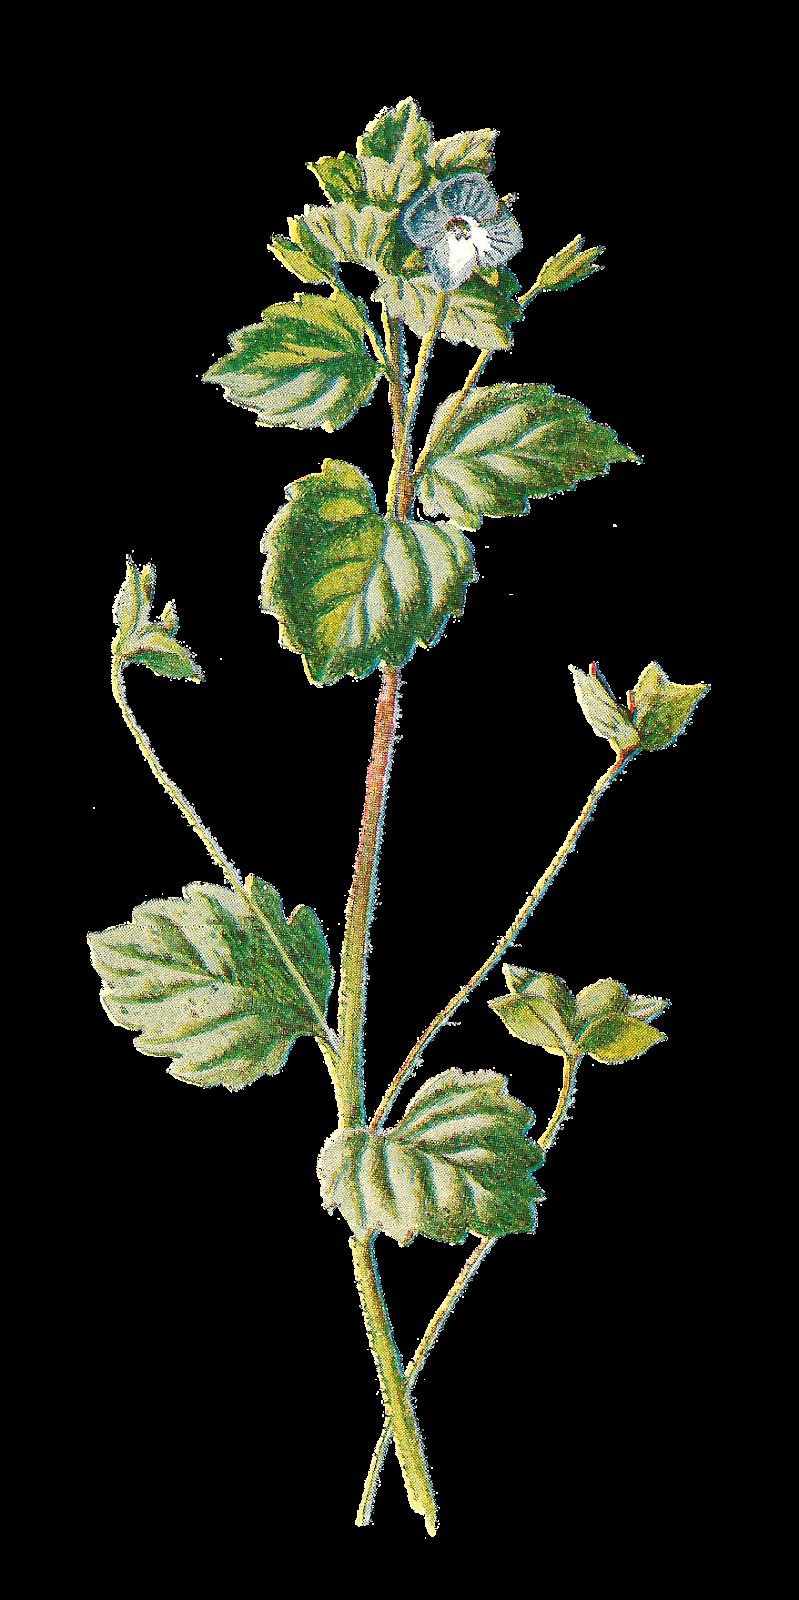 Dainty flower clipart image download Antique Images: Free Antique Botanical Illustration: Digital Flower ... image download